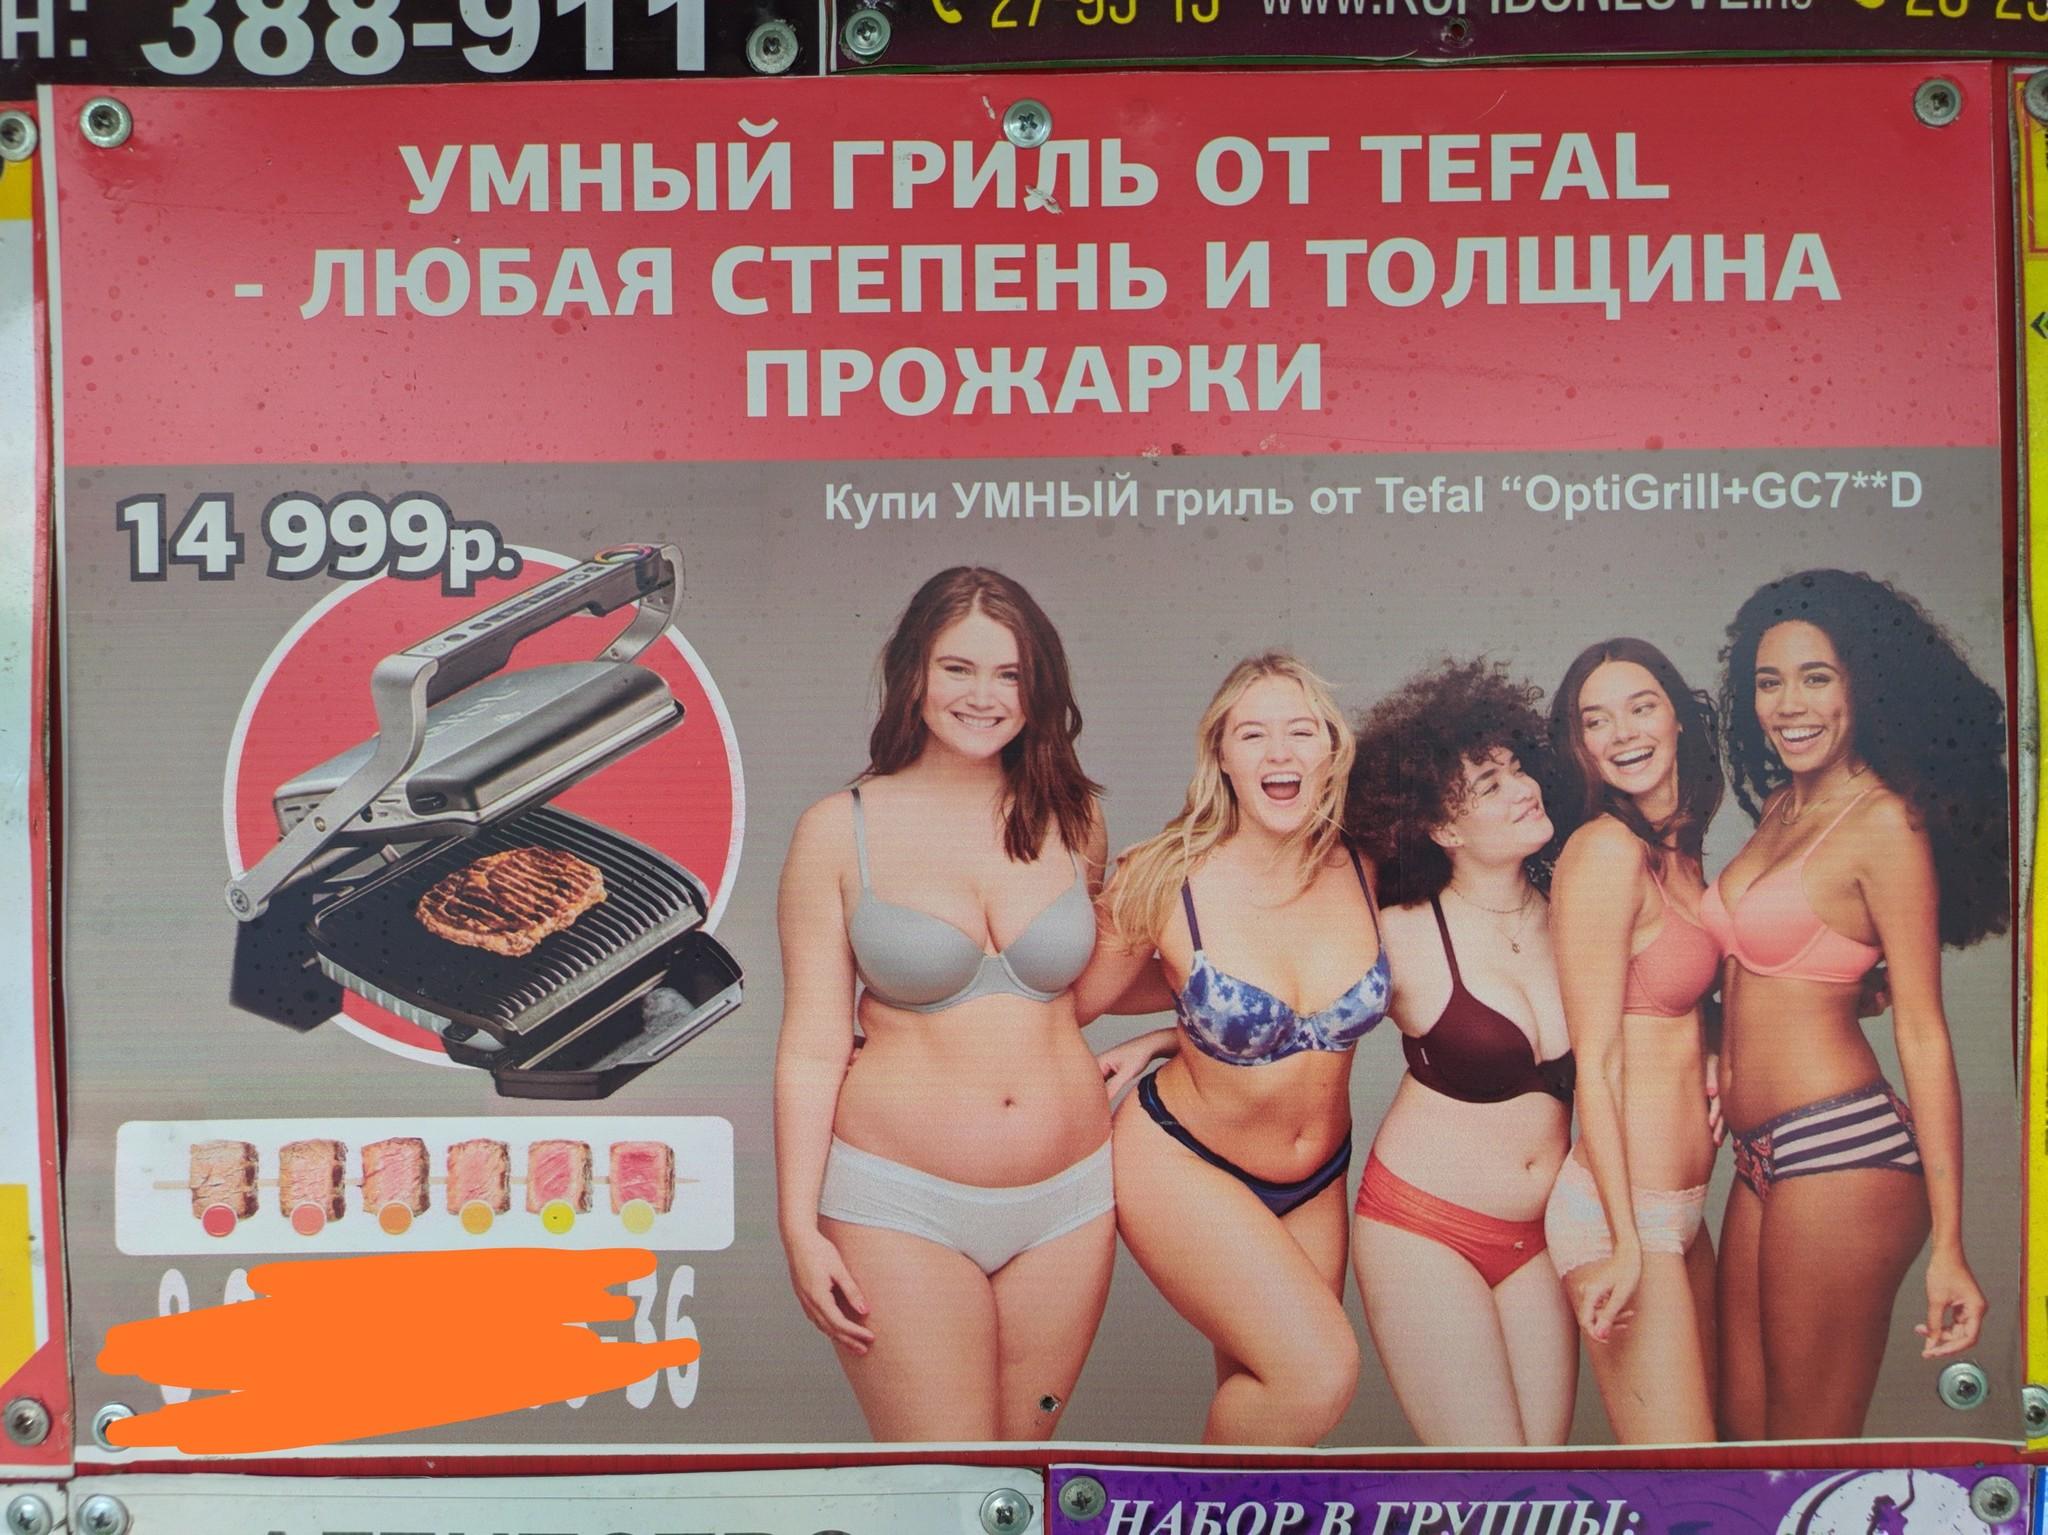 а голые женщины тоже умны